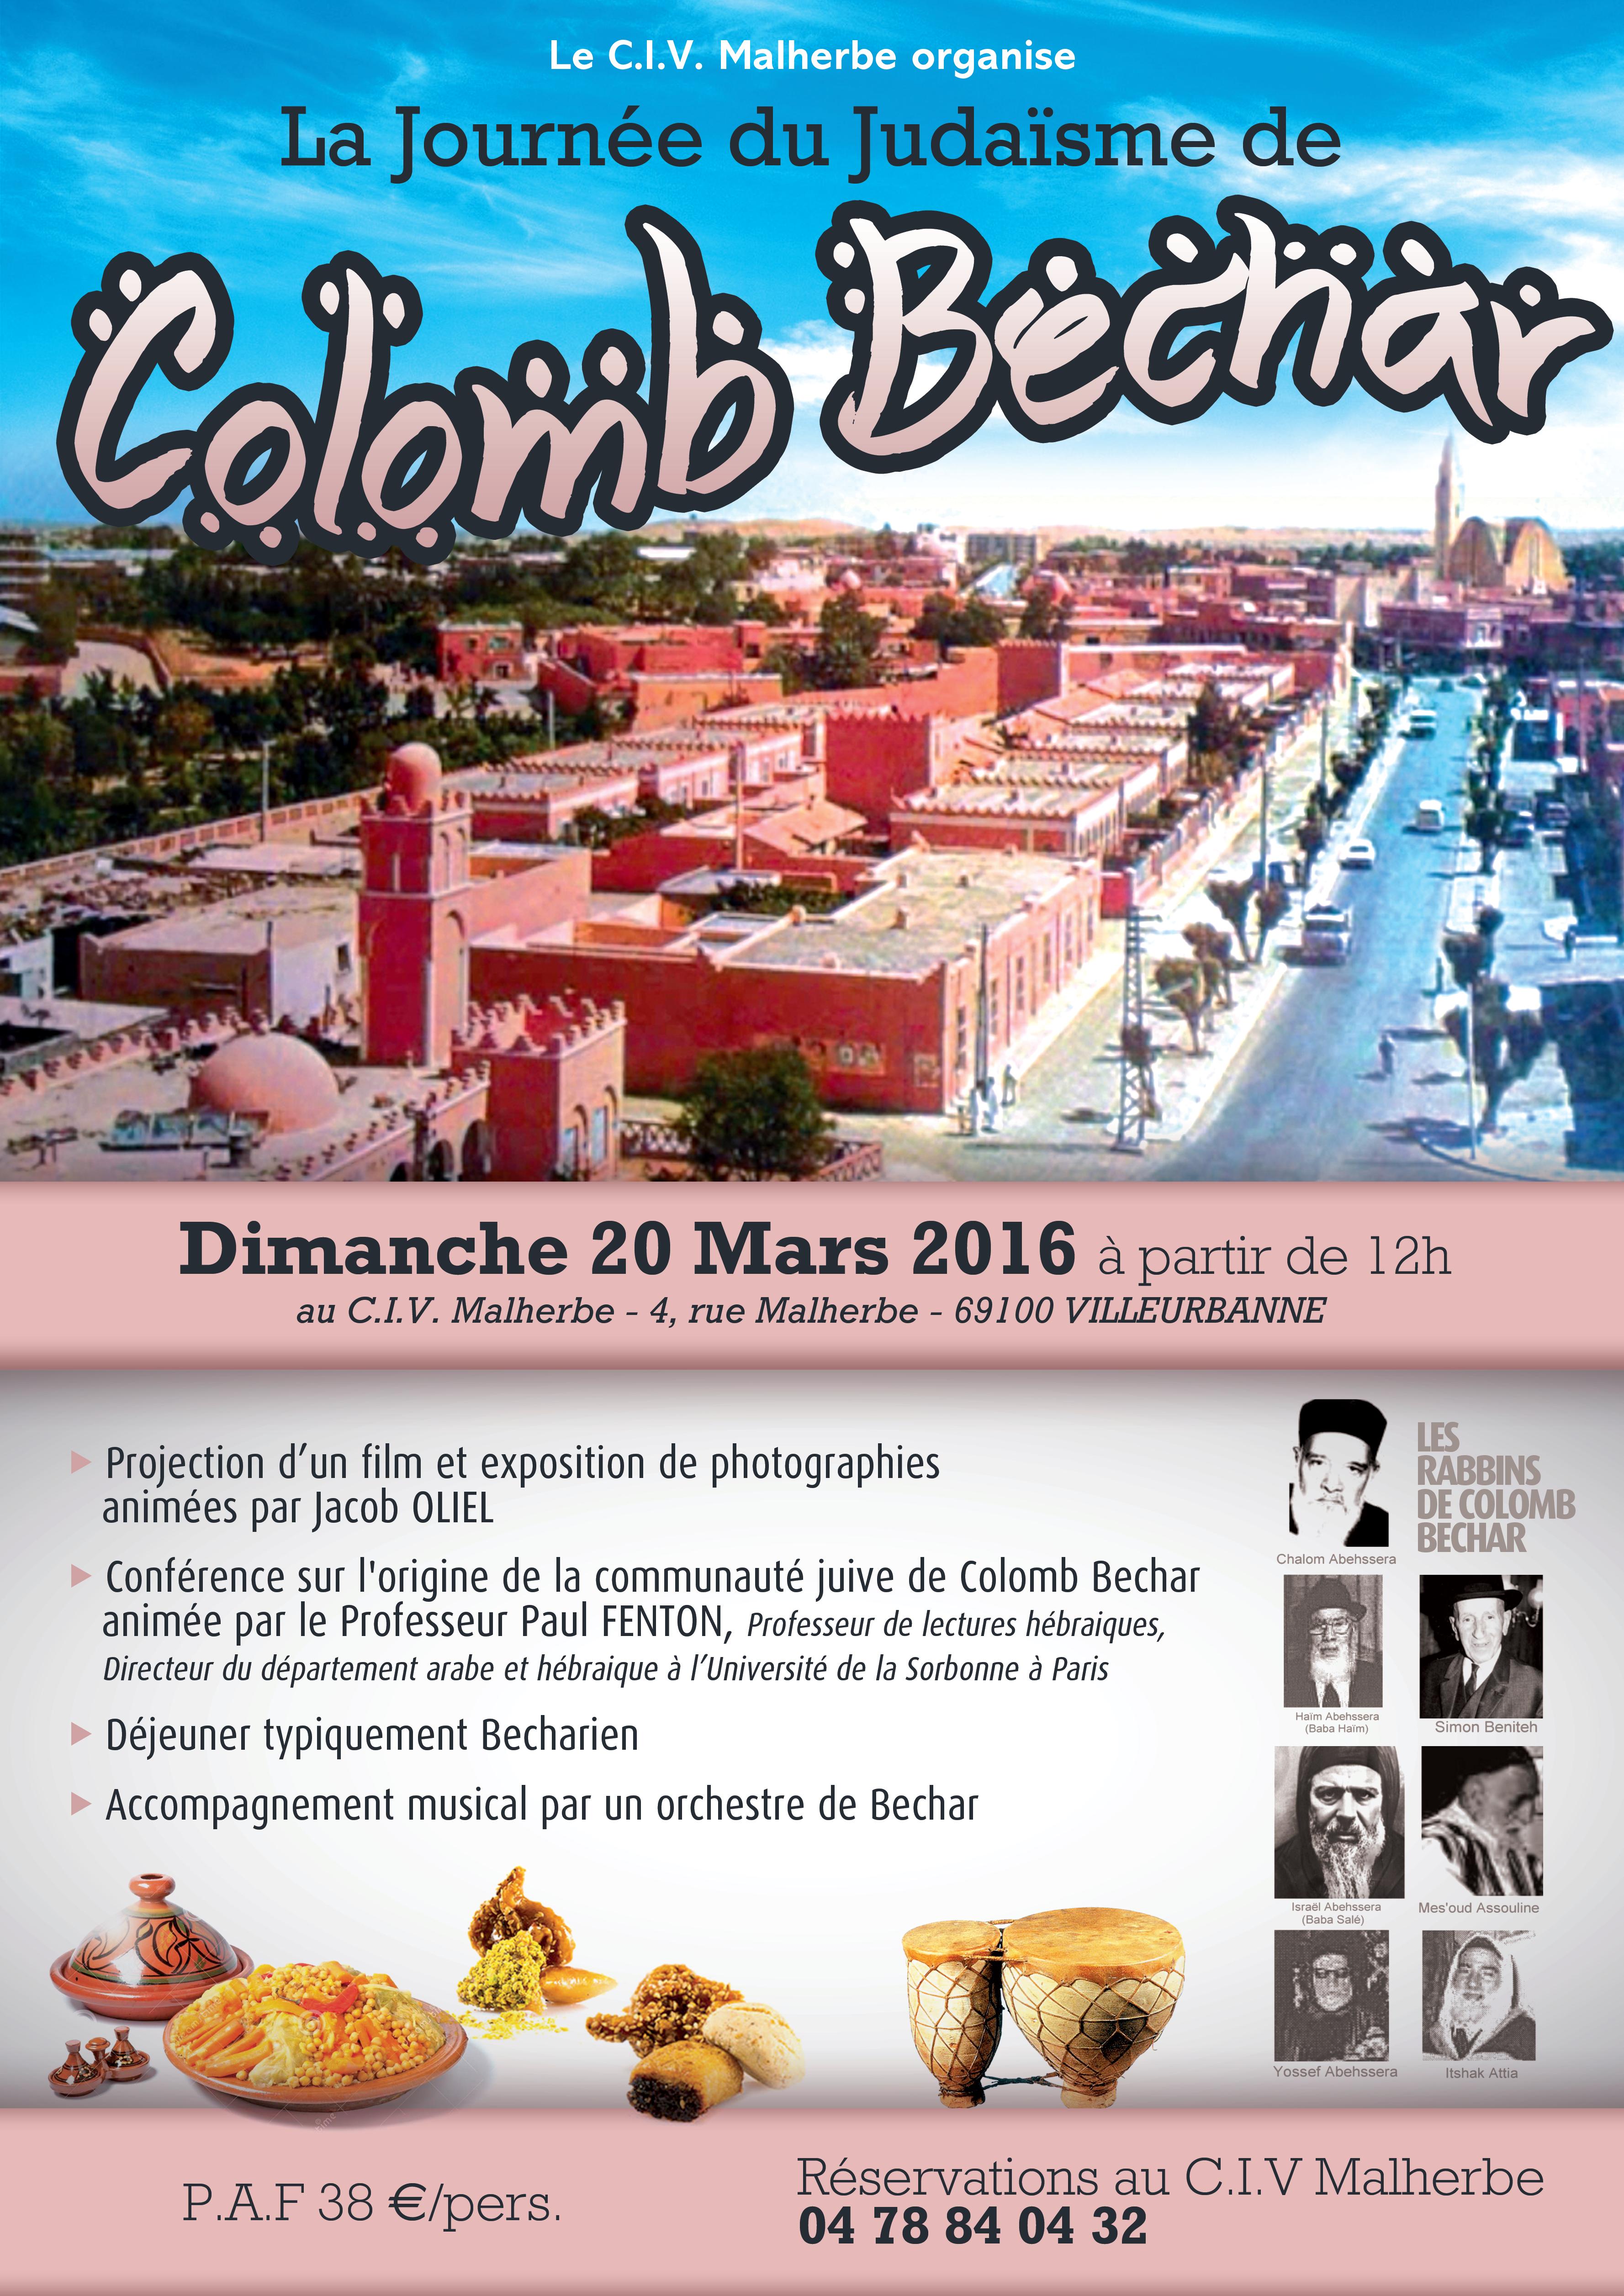 Journée du judaïsme de Colomb Bechard